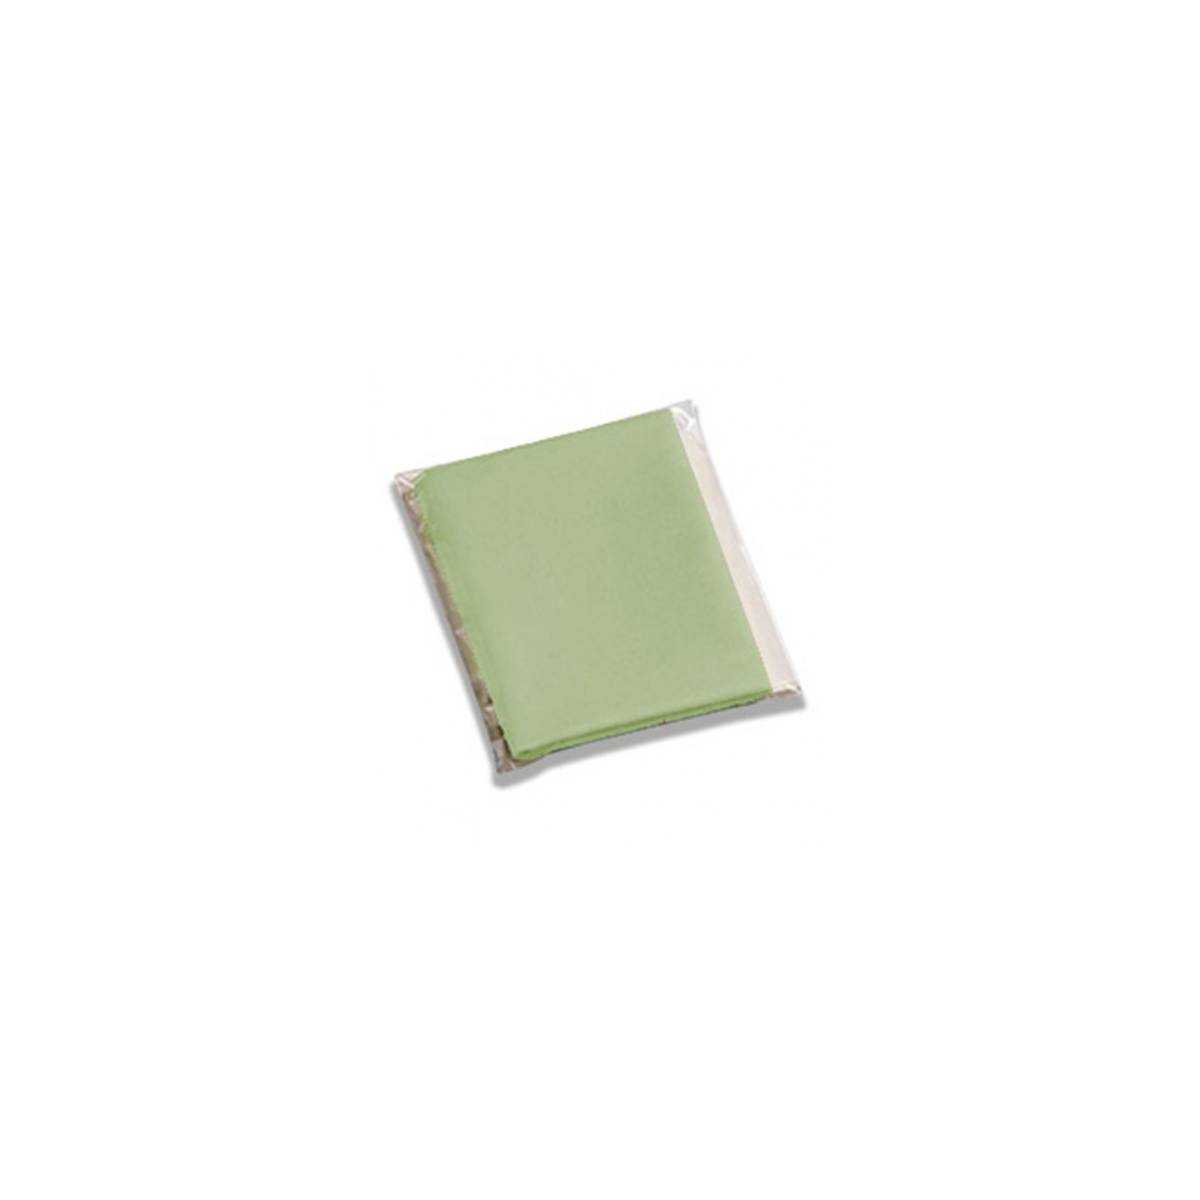 Салфетки для влажной и сухой уборки Silky-T 5шт. (Зеленые) TCH101240 TTS